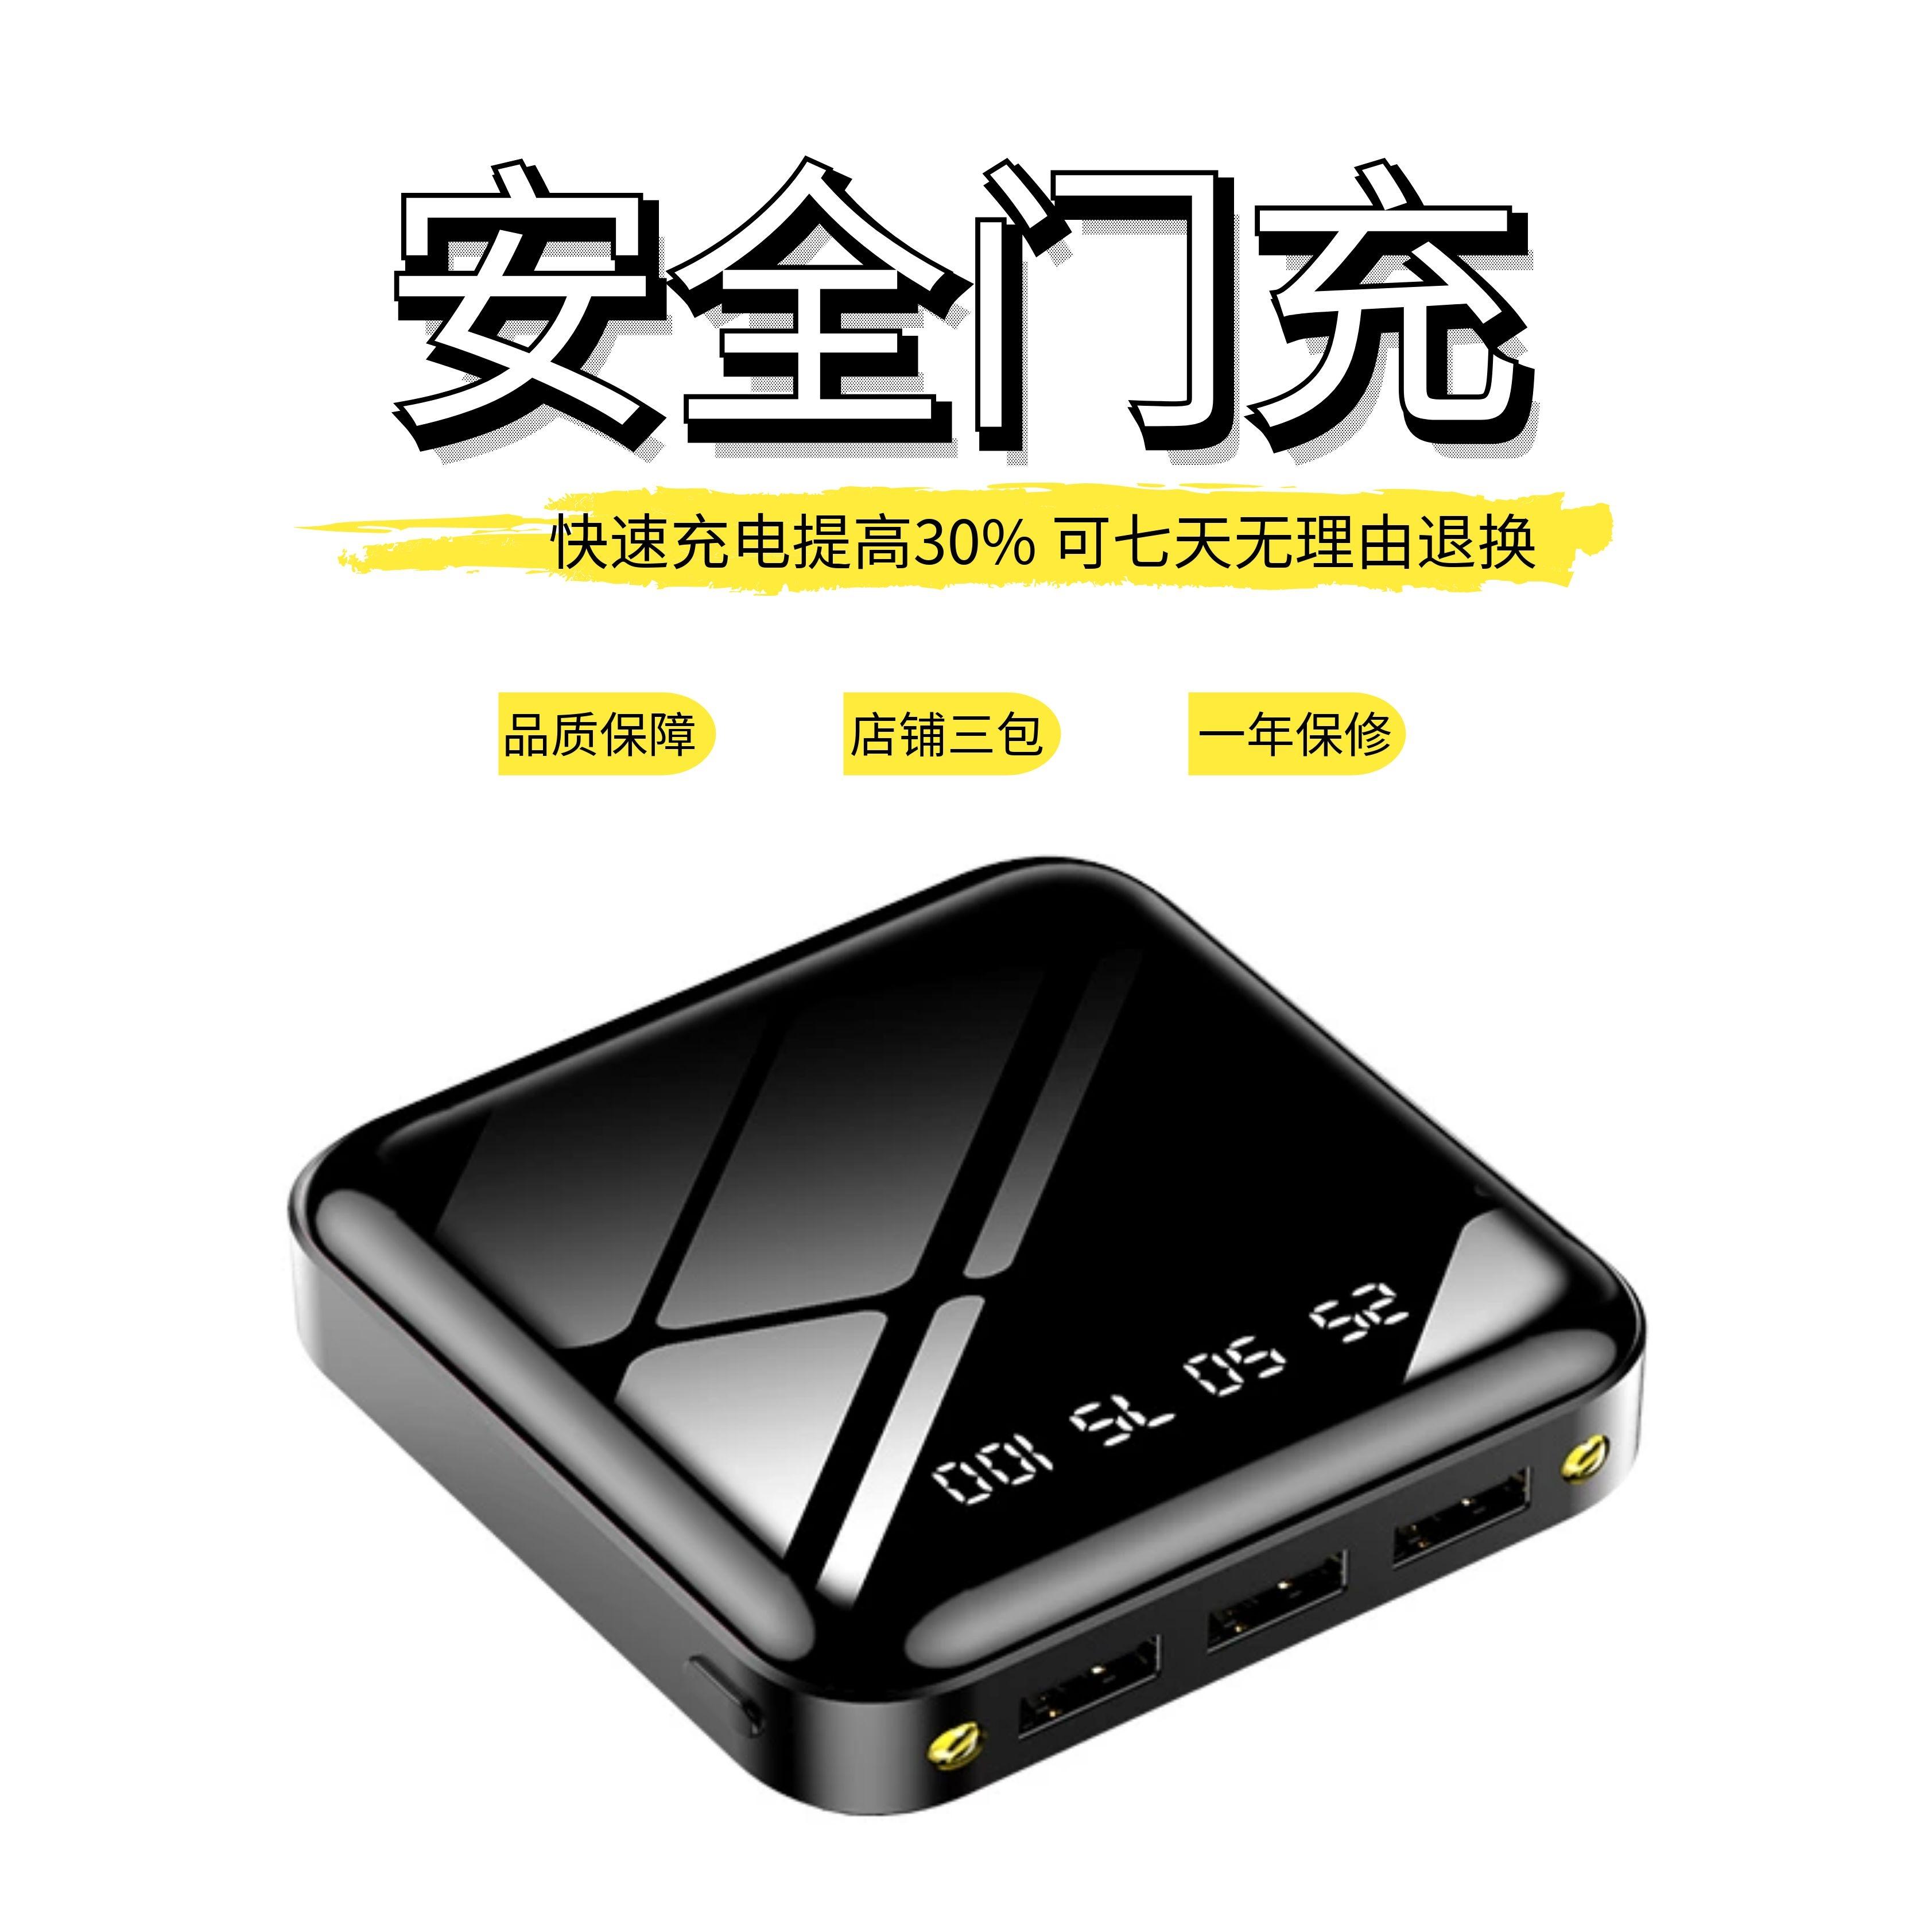 中國代購|中國批發-ibuy99|充电宝|3U方块全面屏8000毫安移动电源安卓平板智能任何手机通用充电宝器